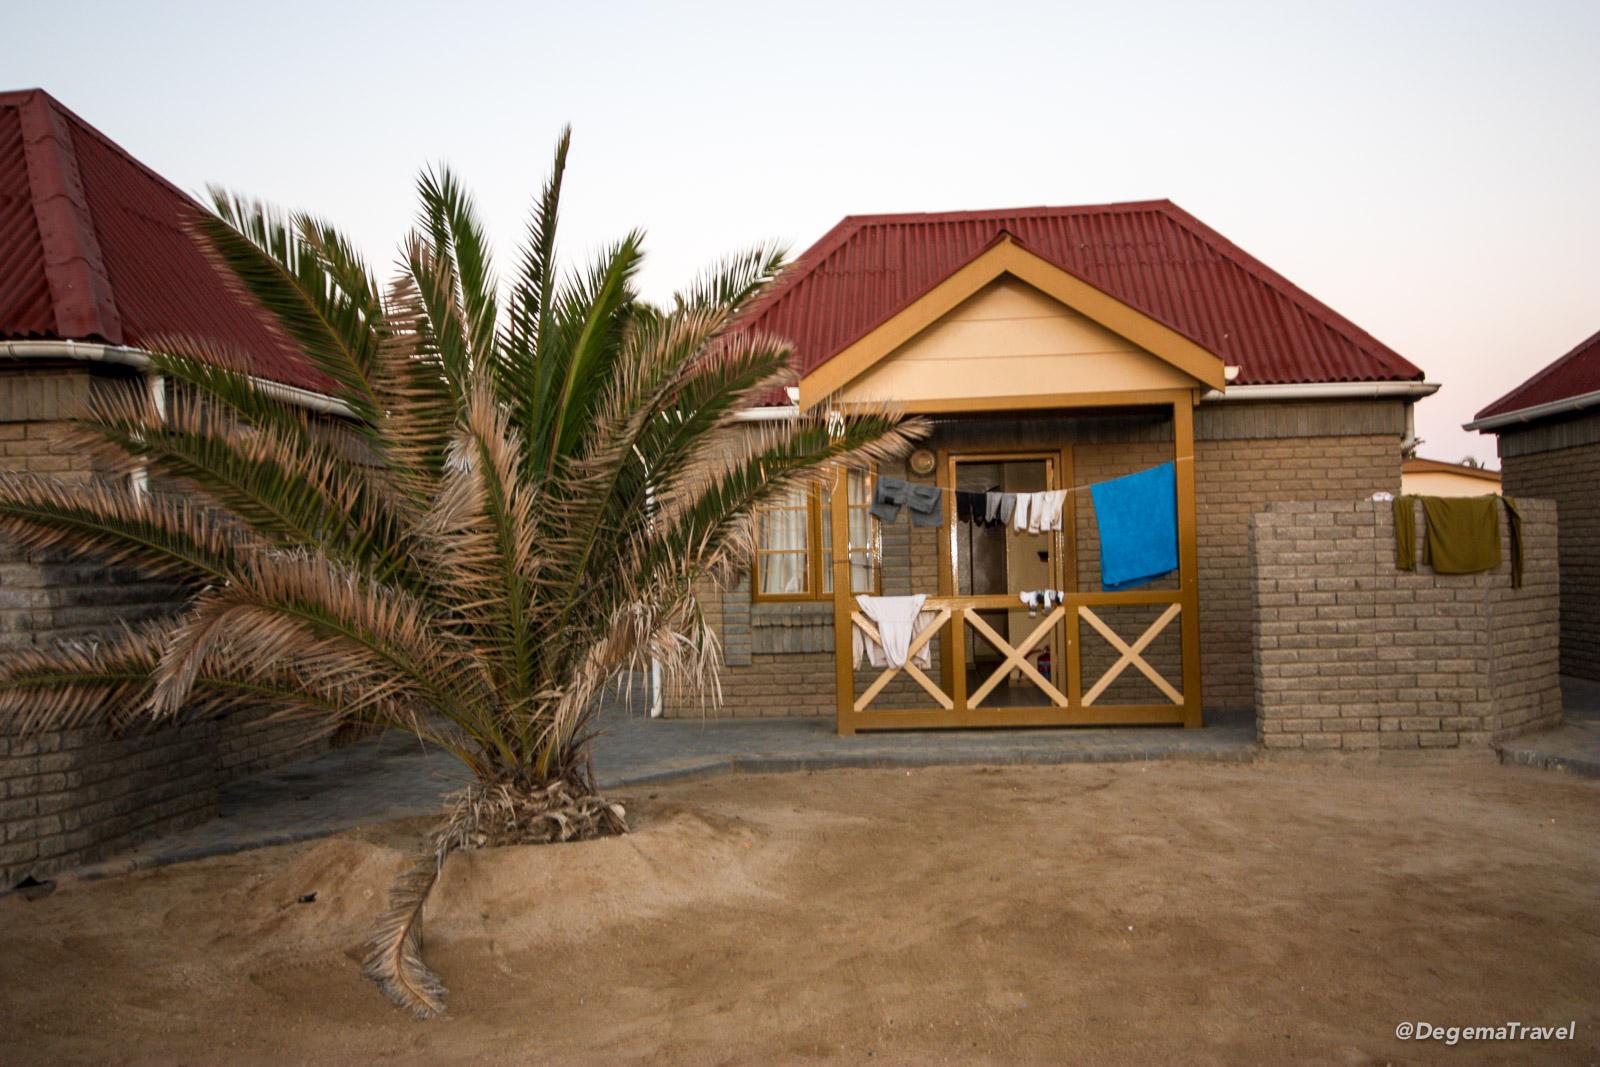 A bungalow in Swakopmund Municipal Restcamp, Namibia